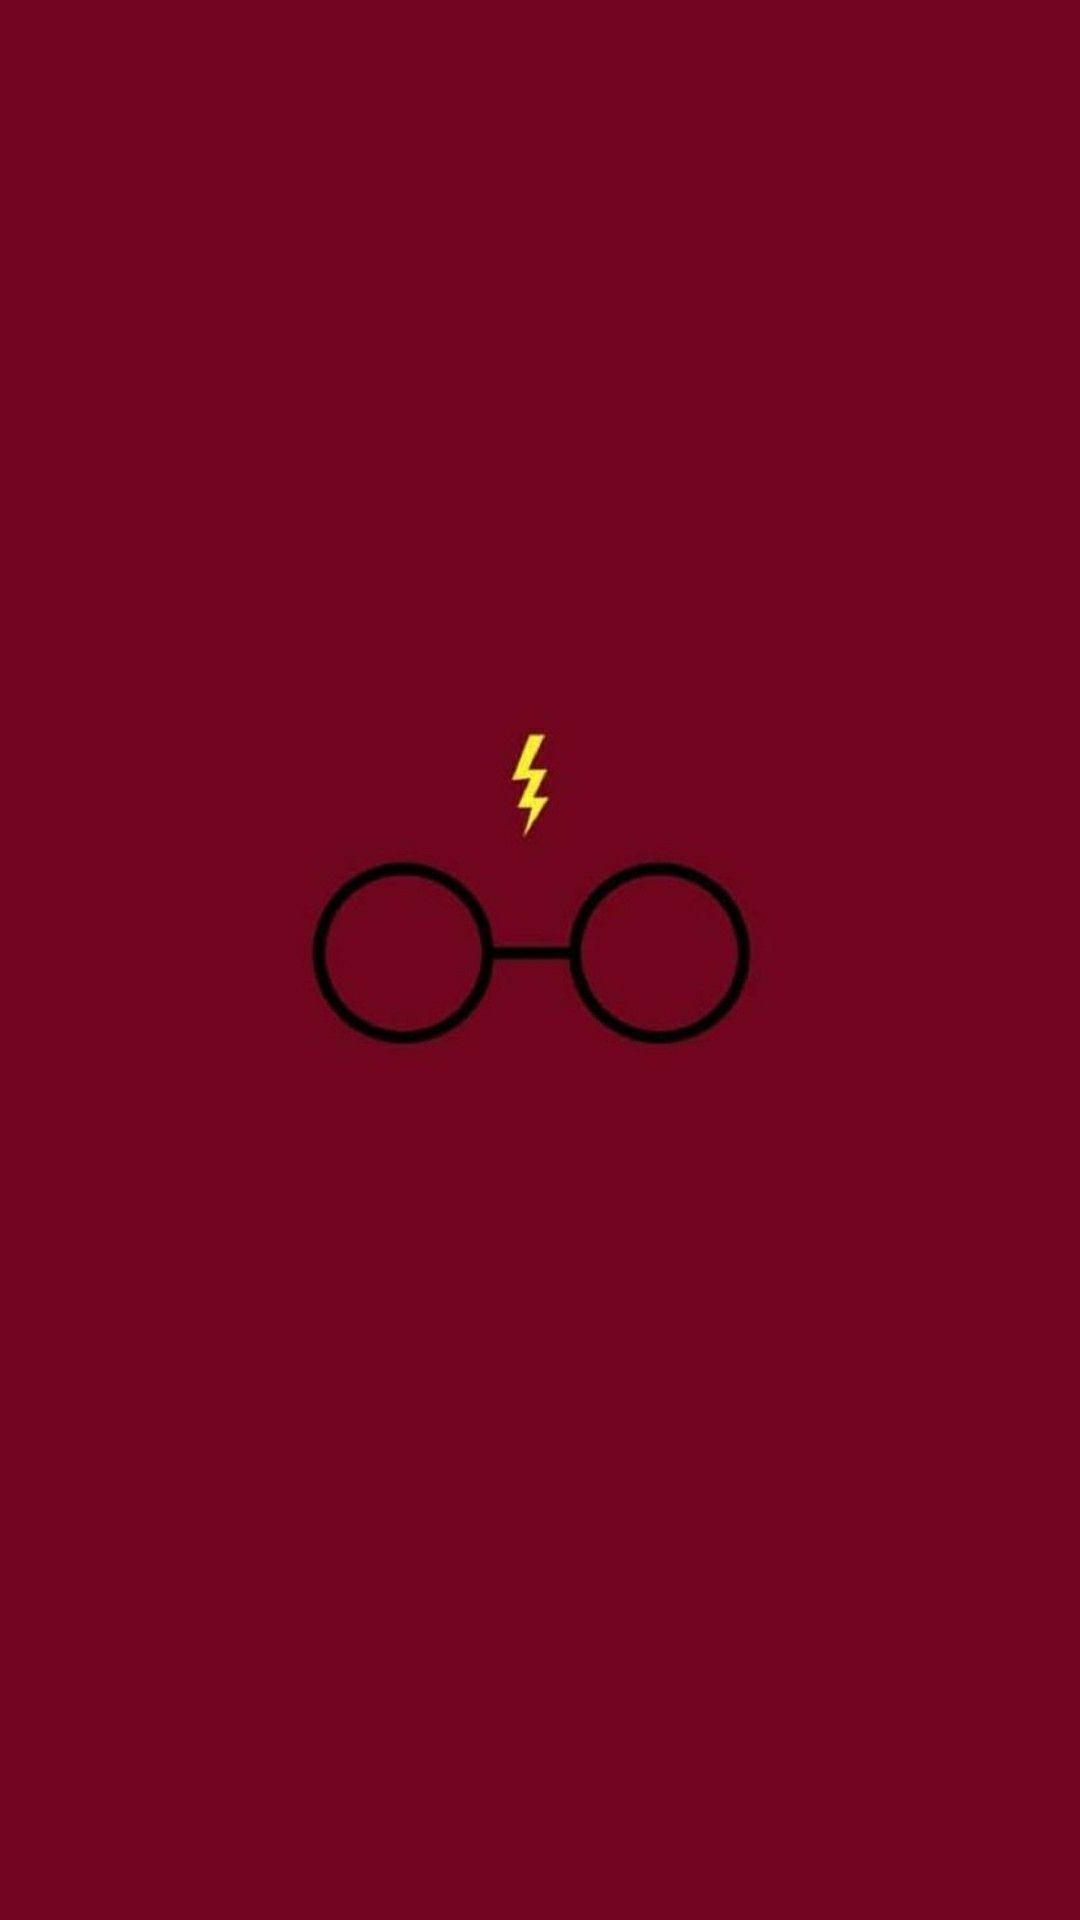 Samsung Wallpaper Harry Potter Hintergrundbild Tapete Harry Potter Wallpaper Phone Harry Potter Wallpaper Harry Potter